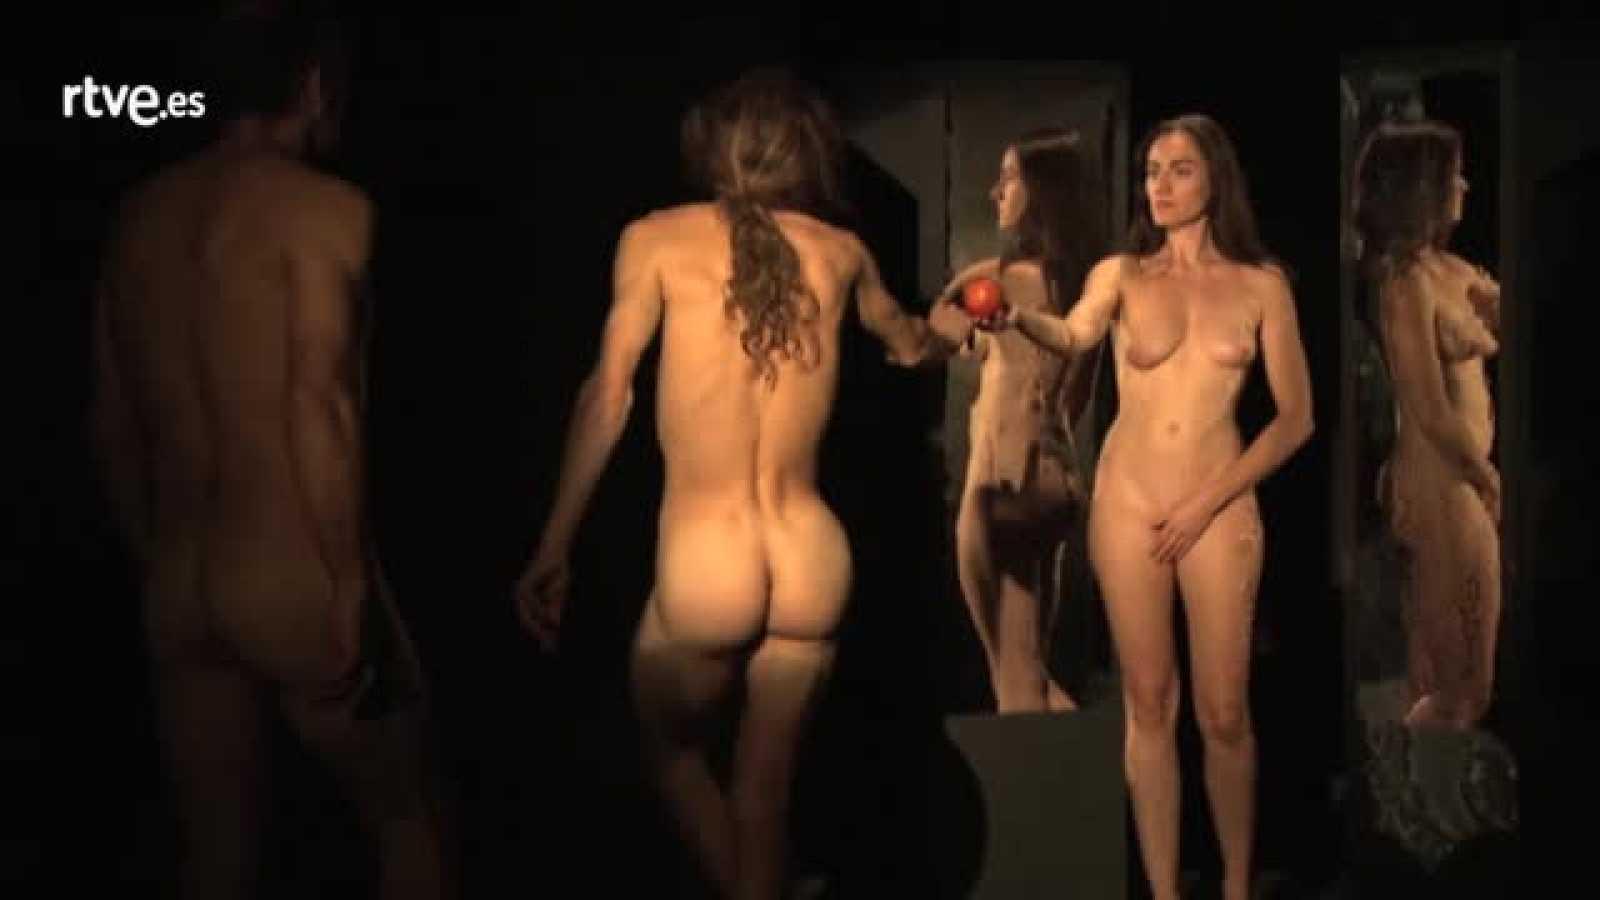 Teatro Tribueñe lleva a escena una obra de Harold Pinter